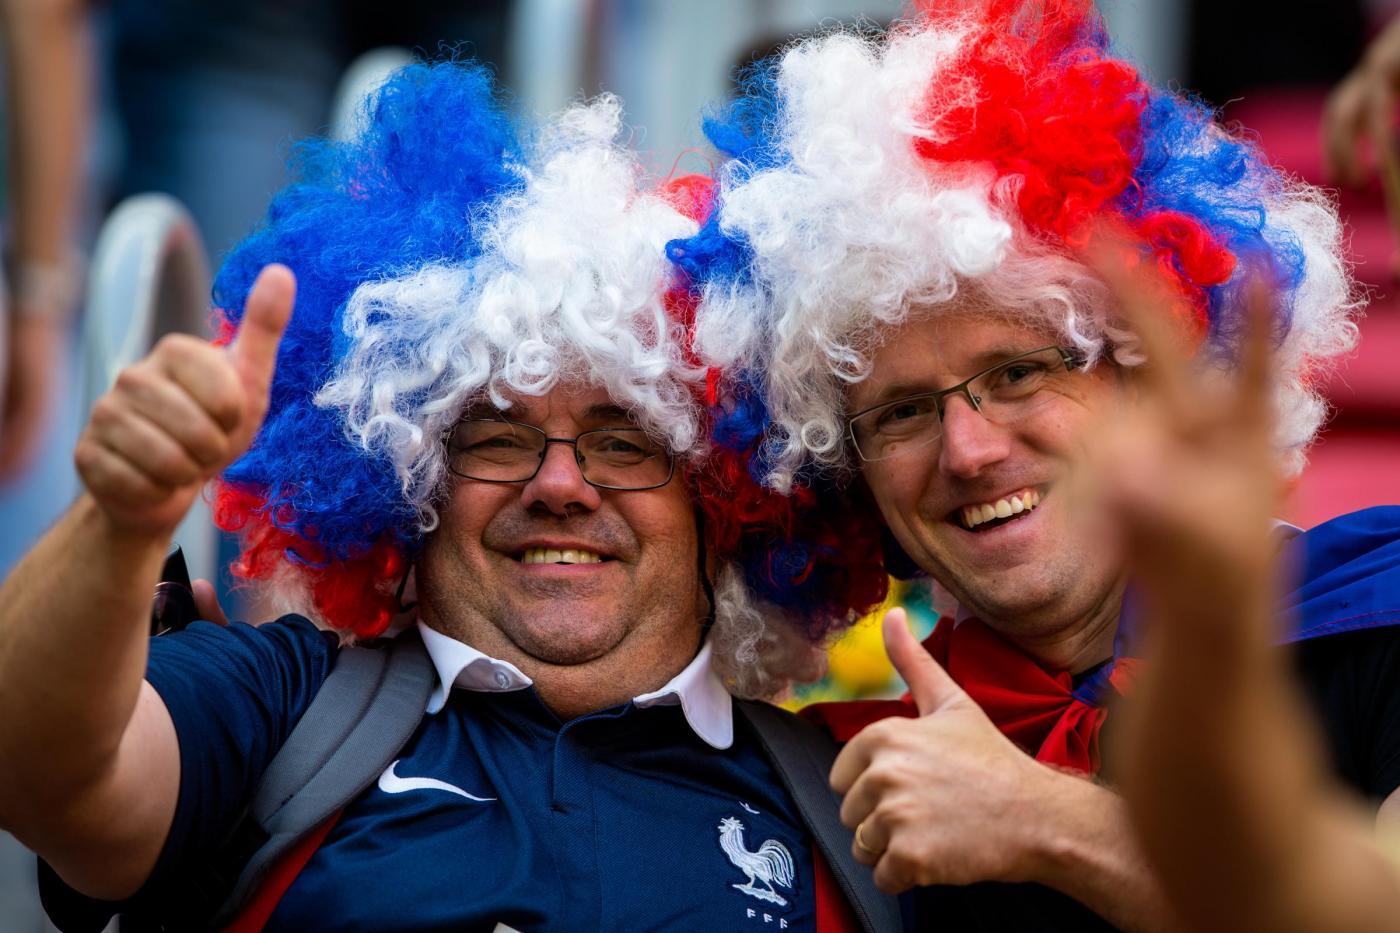 National Francia 5 ottobre: si gioca la decima giornata della Serie C francese. Boulogne e Laval guidano il gruppo con 19 punti.